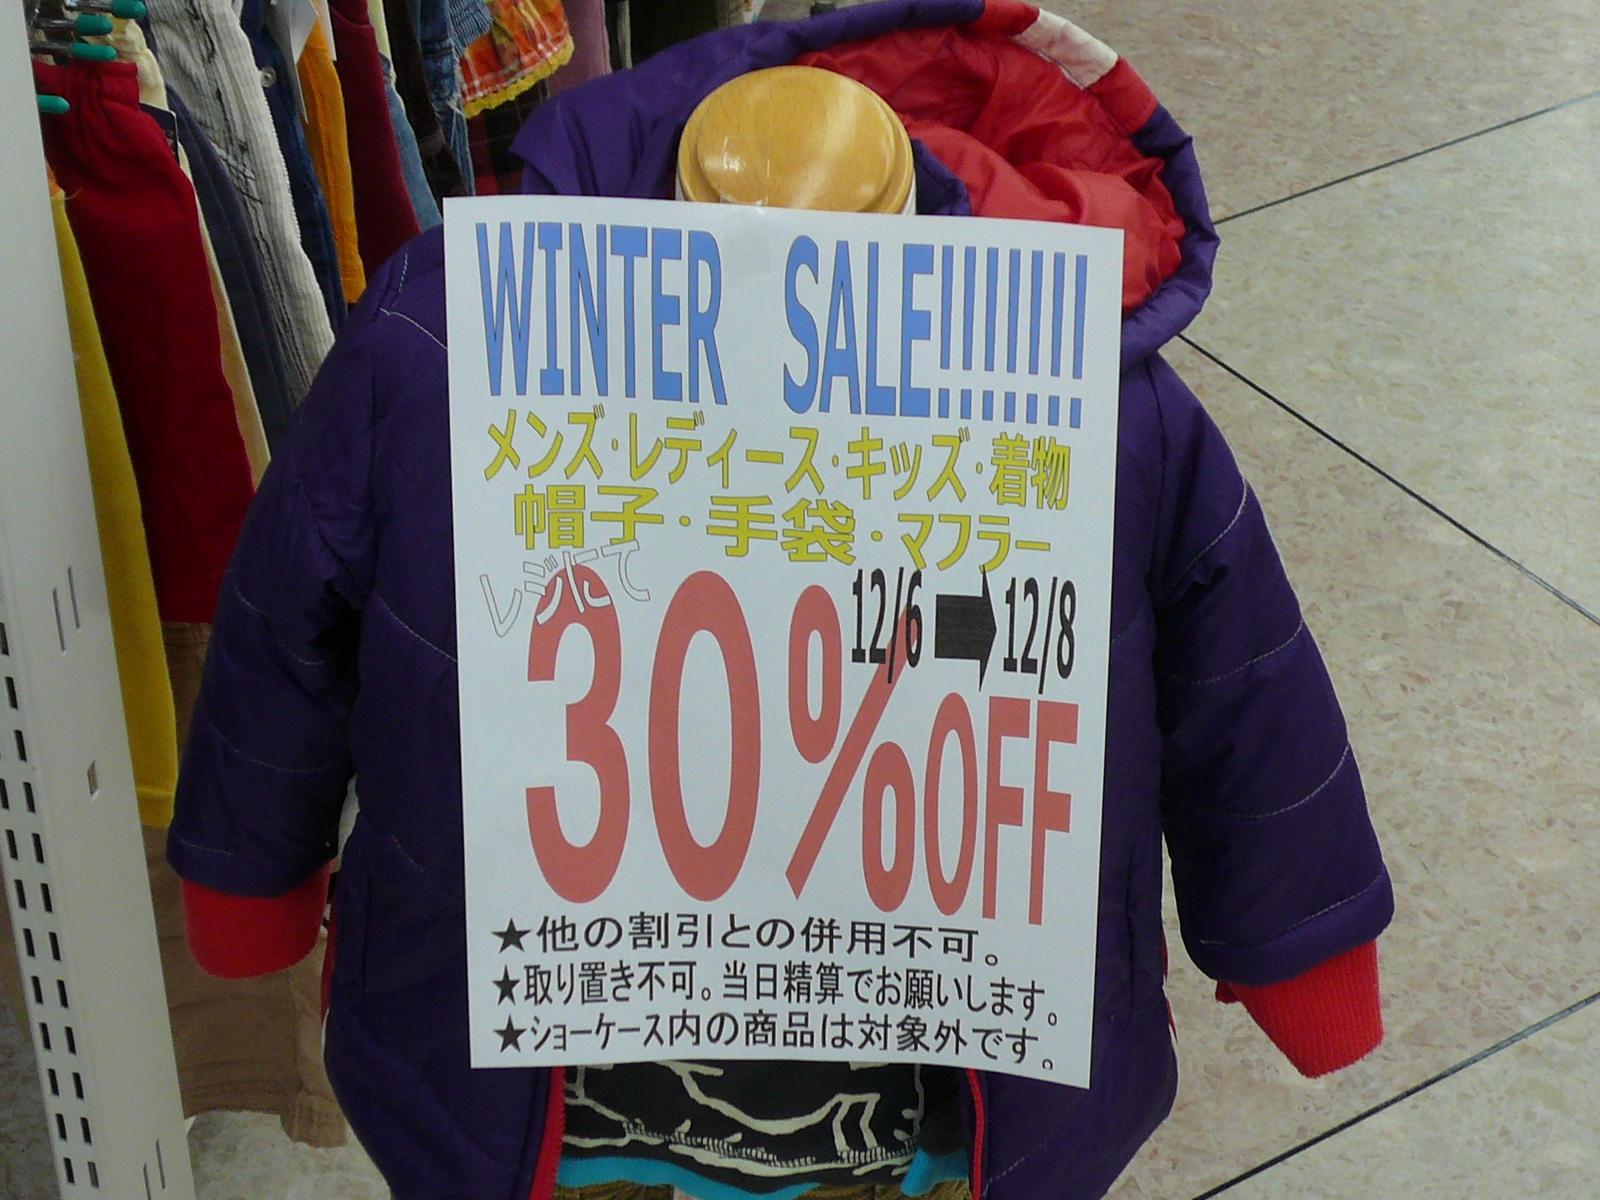 セール情報!WINTERセール!リサイクルショップフライズ佐賀店